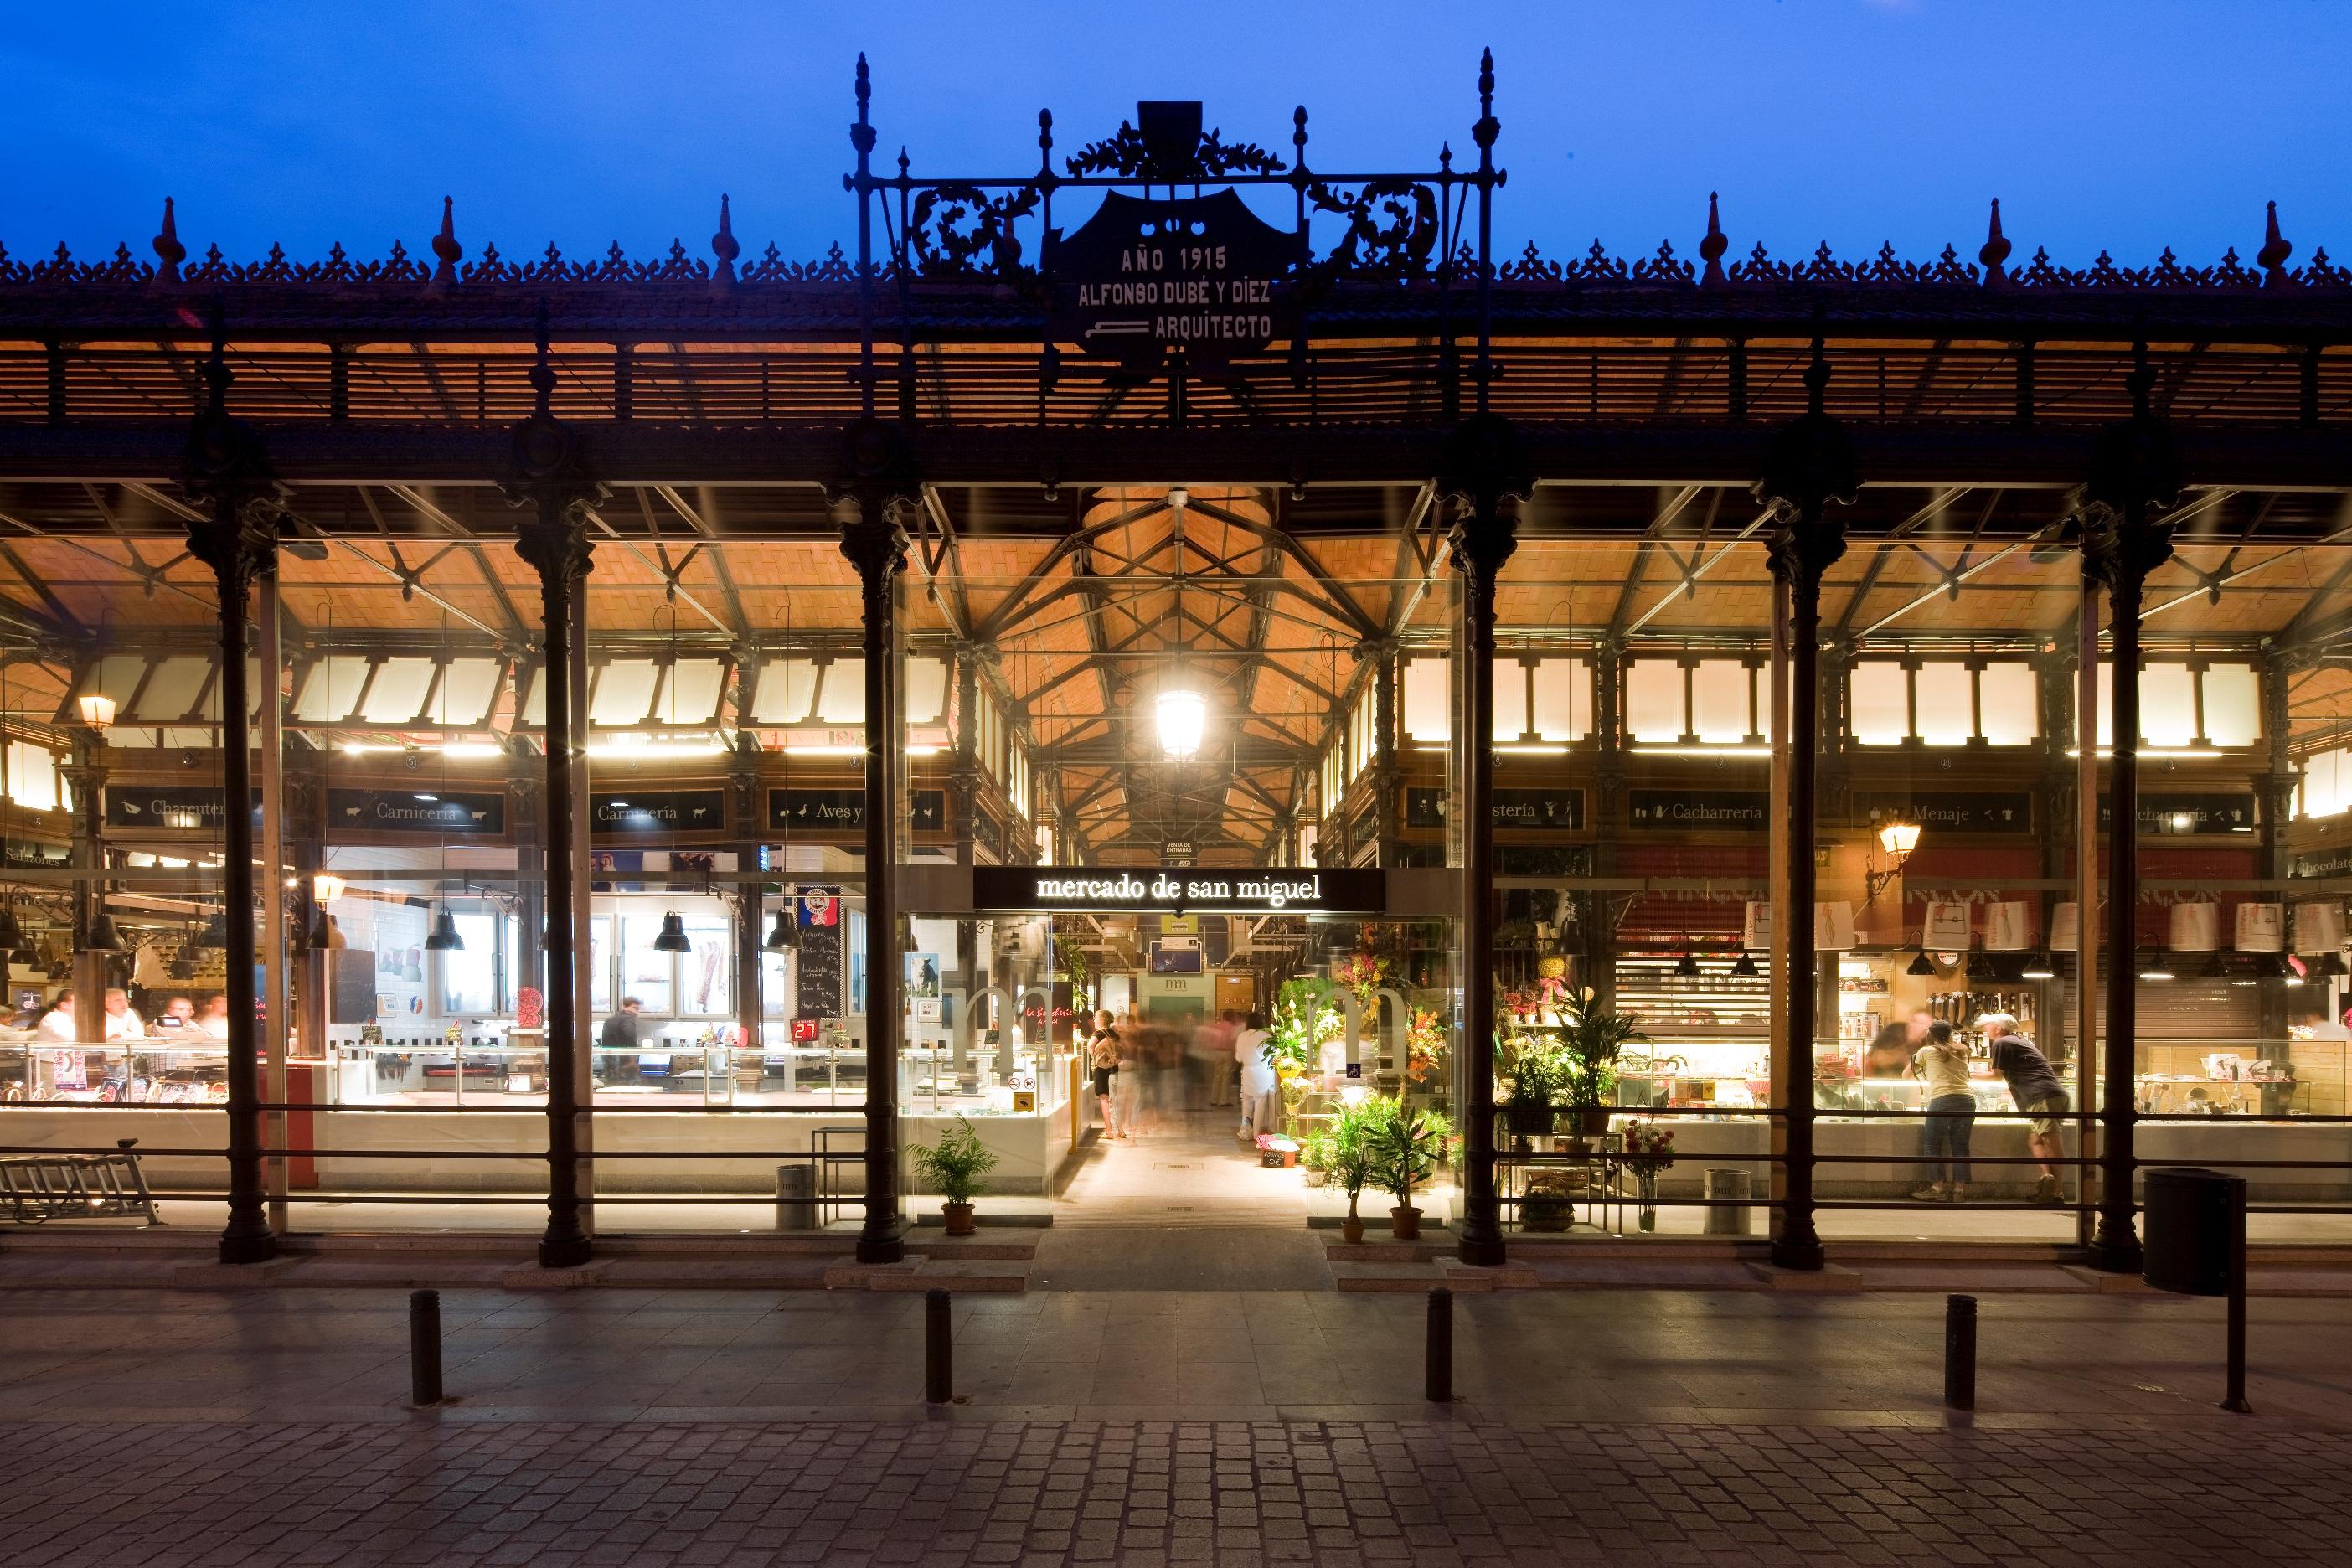 Mercado de San Miguel / Redevco